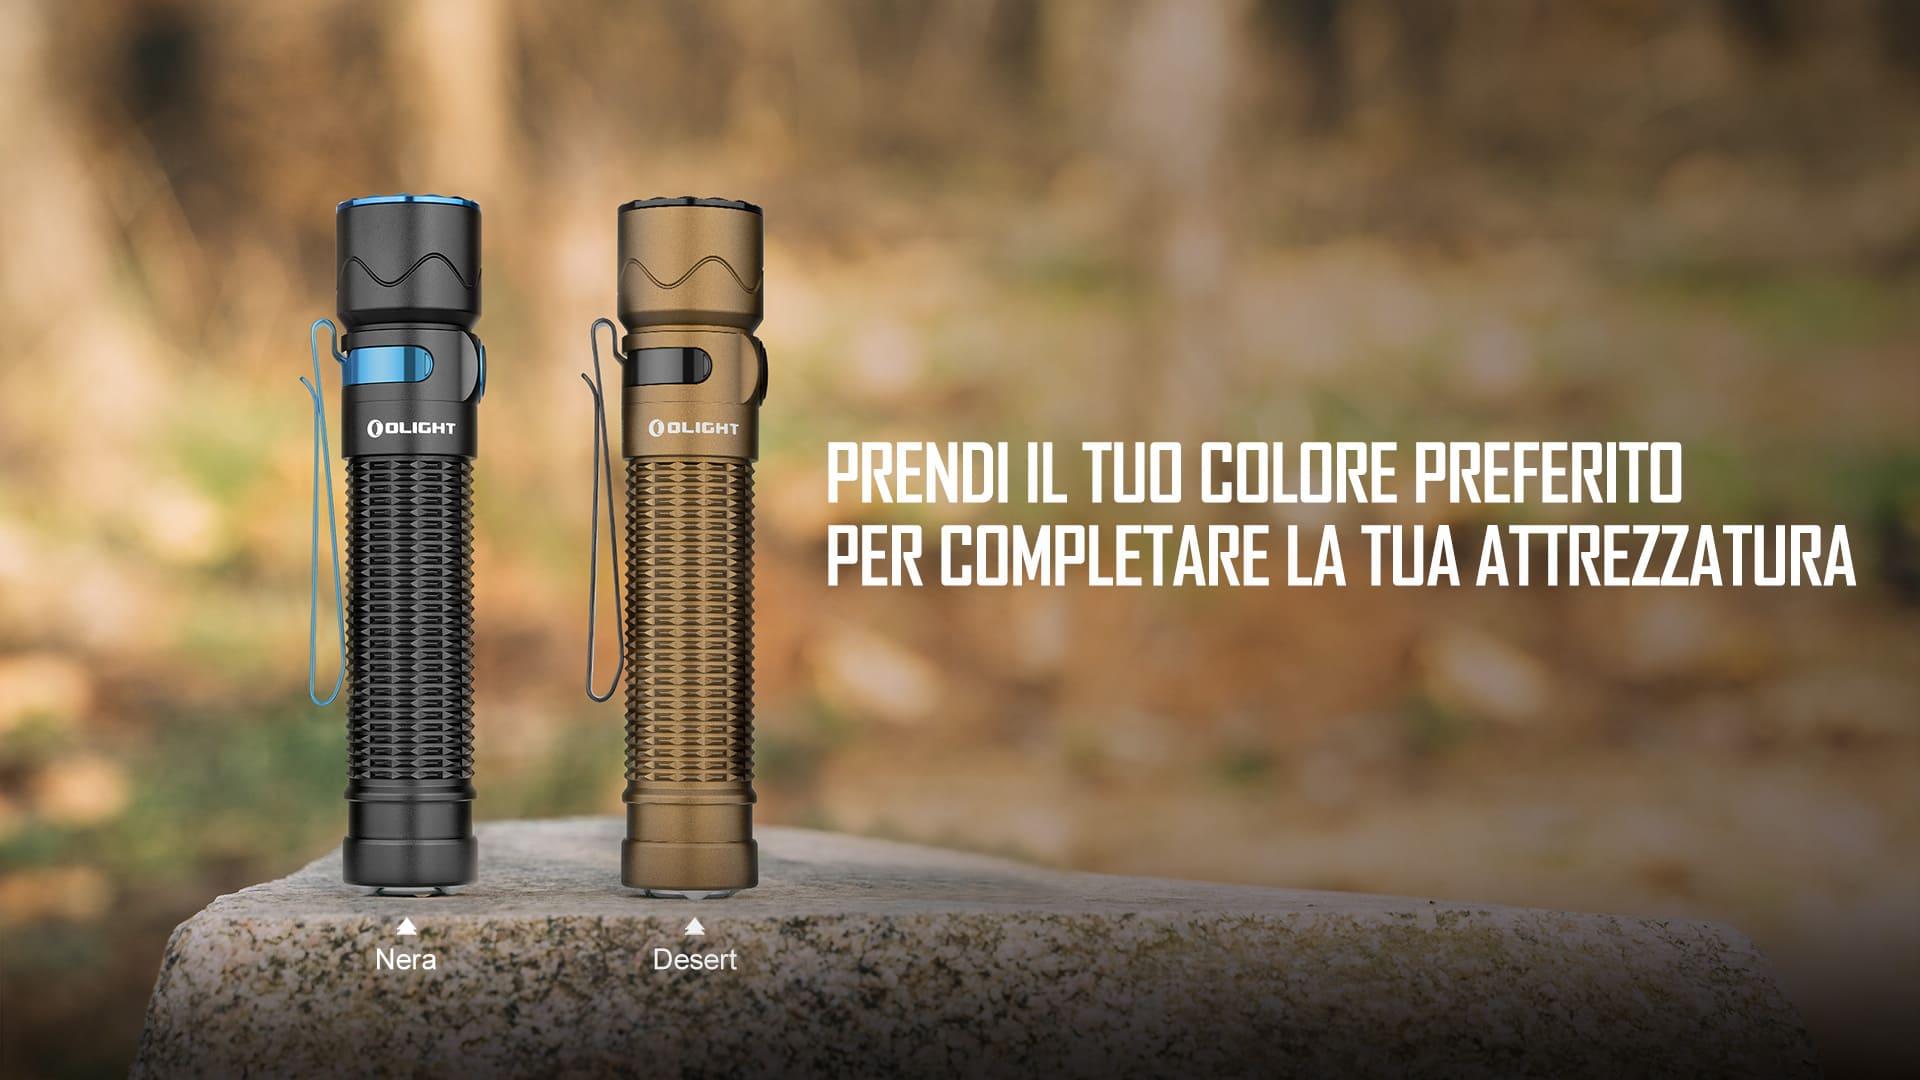 Warrior Mini 2,Torcia tattica,edc,torcia militare,promozione